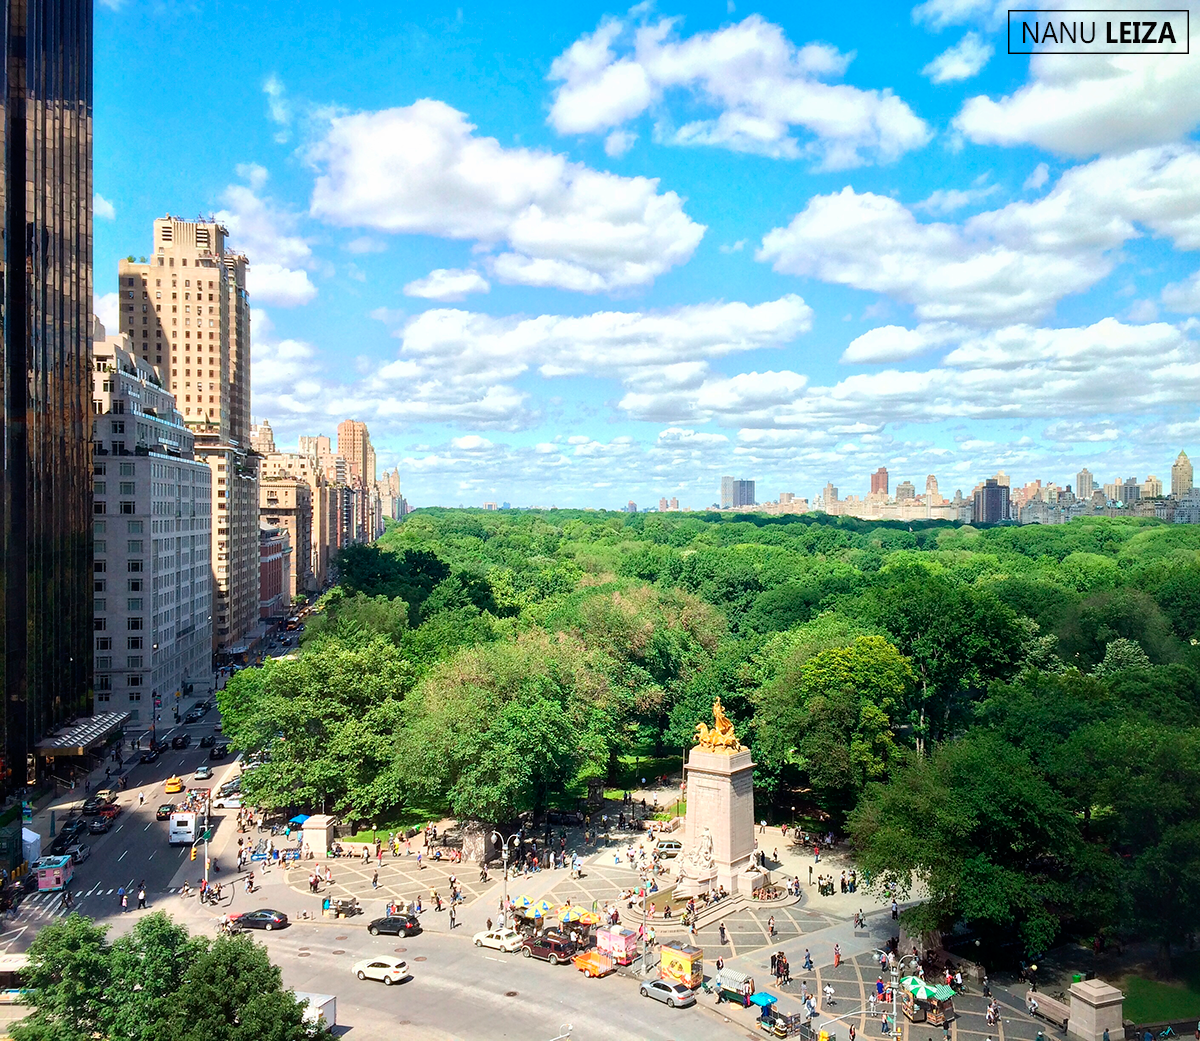 Robert, una joyita frente al Central Park para comer o tomar unas ...